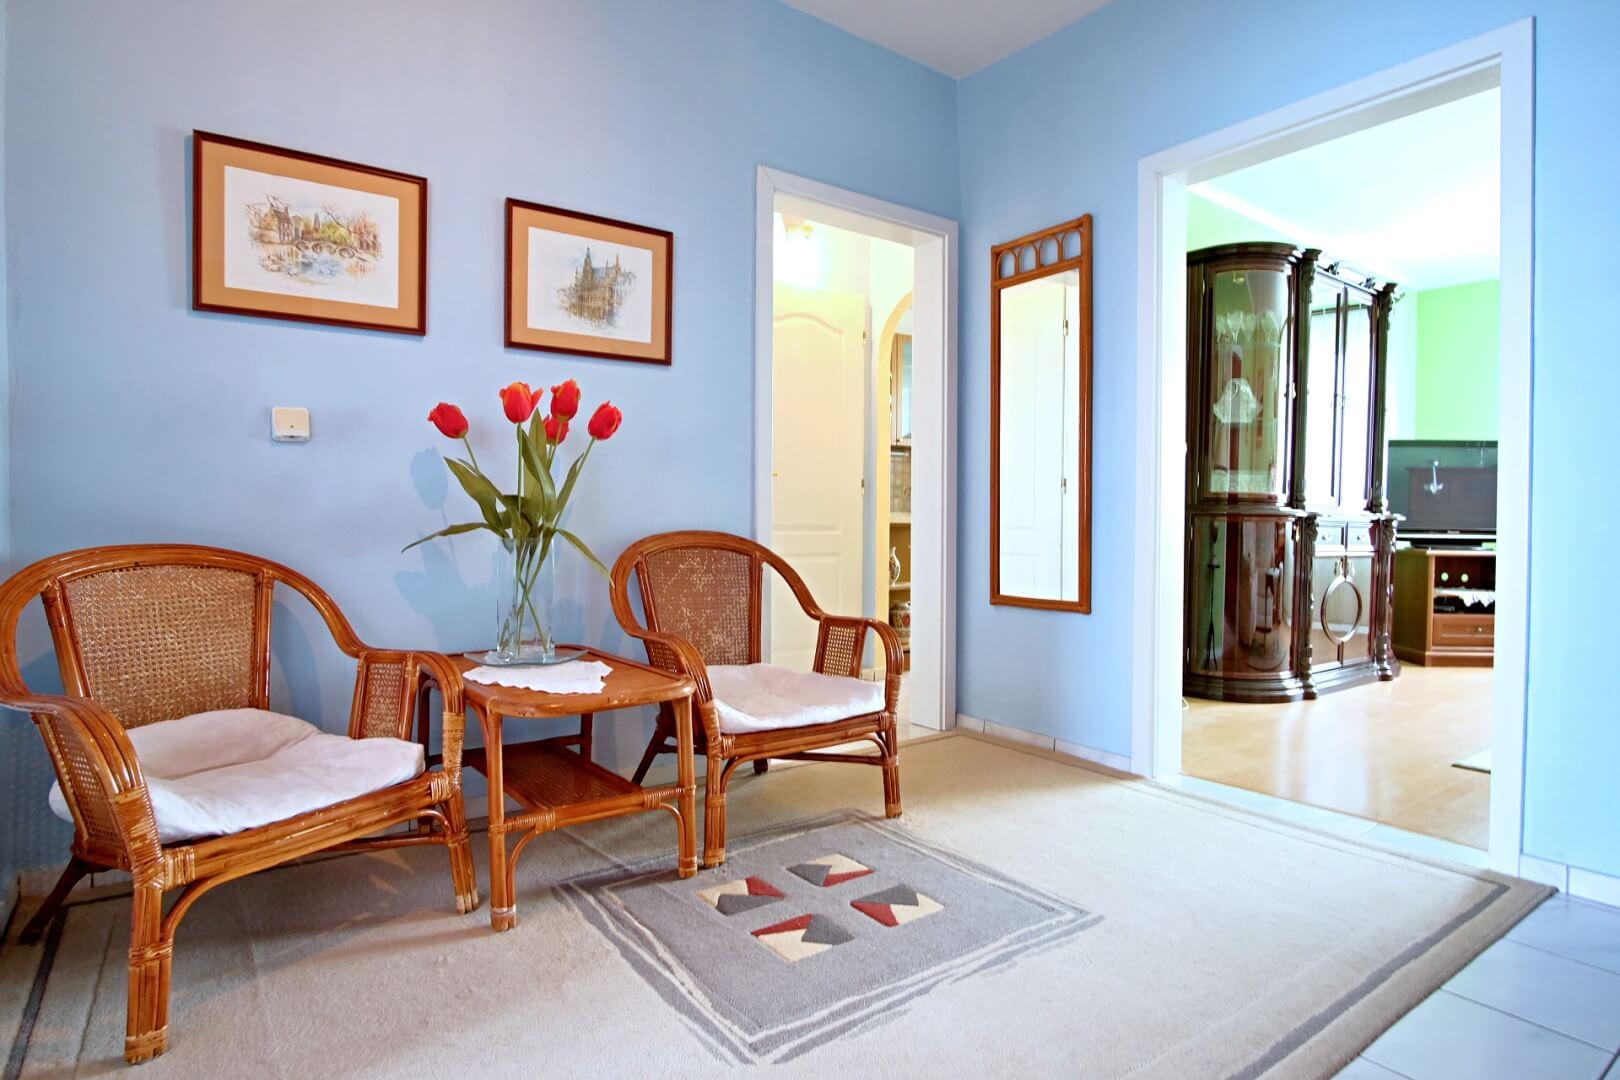 Predané: Na predaj príjemný 3 izbový byt so zmenenou dispozíciou s výhľadom do veľkého parku-6